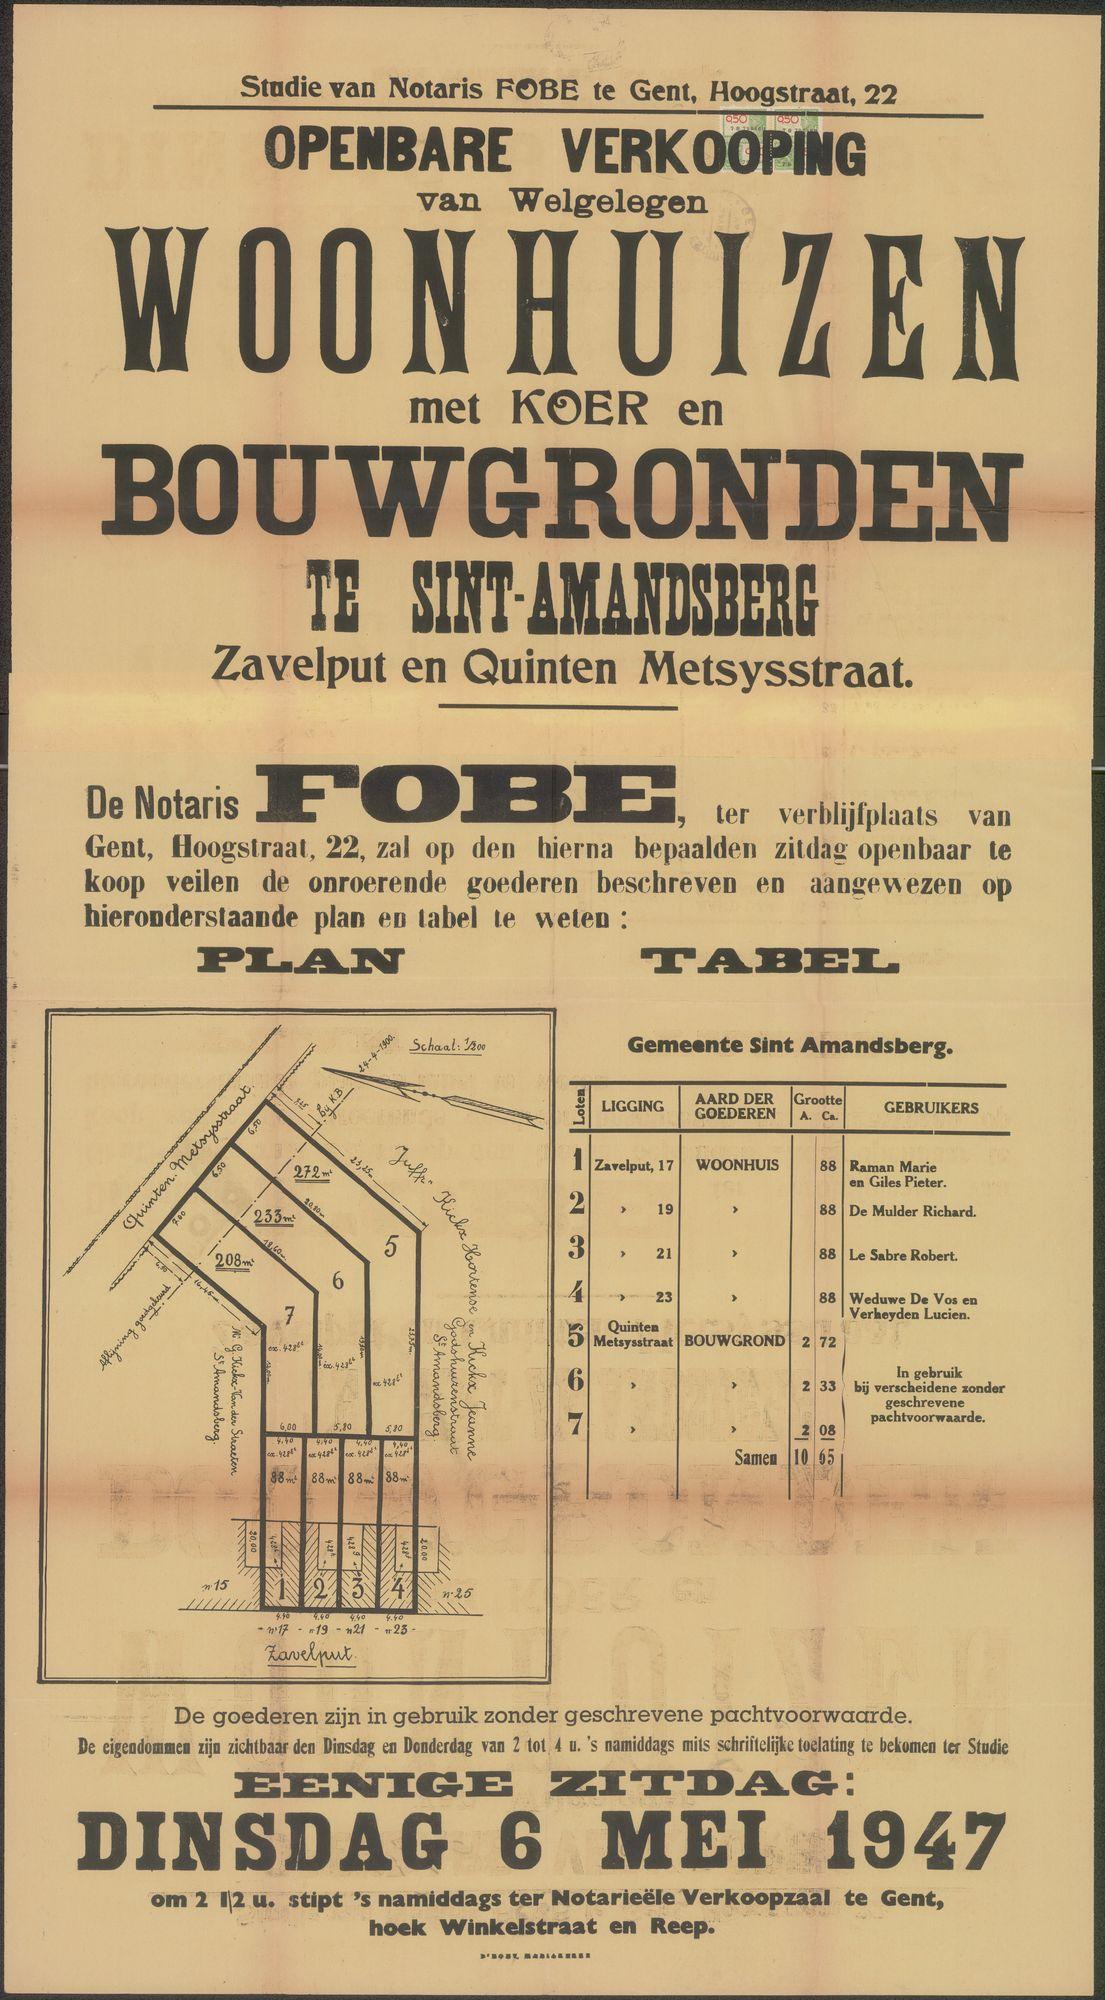 Openbare verkoop van welgelegen woonhuis met koer en bouwgronden te Sint-Amandsberg, Zavelput en Quinten Metsysstraat (Metsijsstraat), Gent, 6 mei 1947